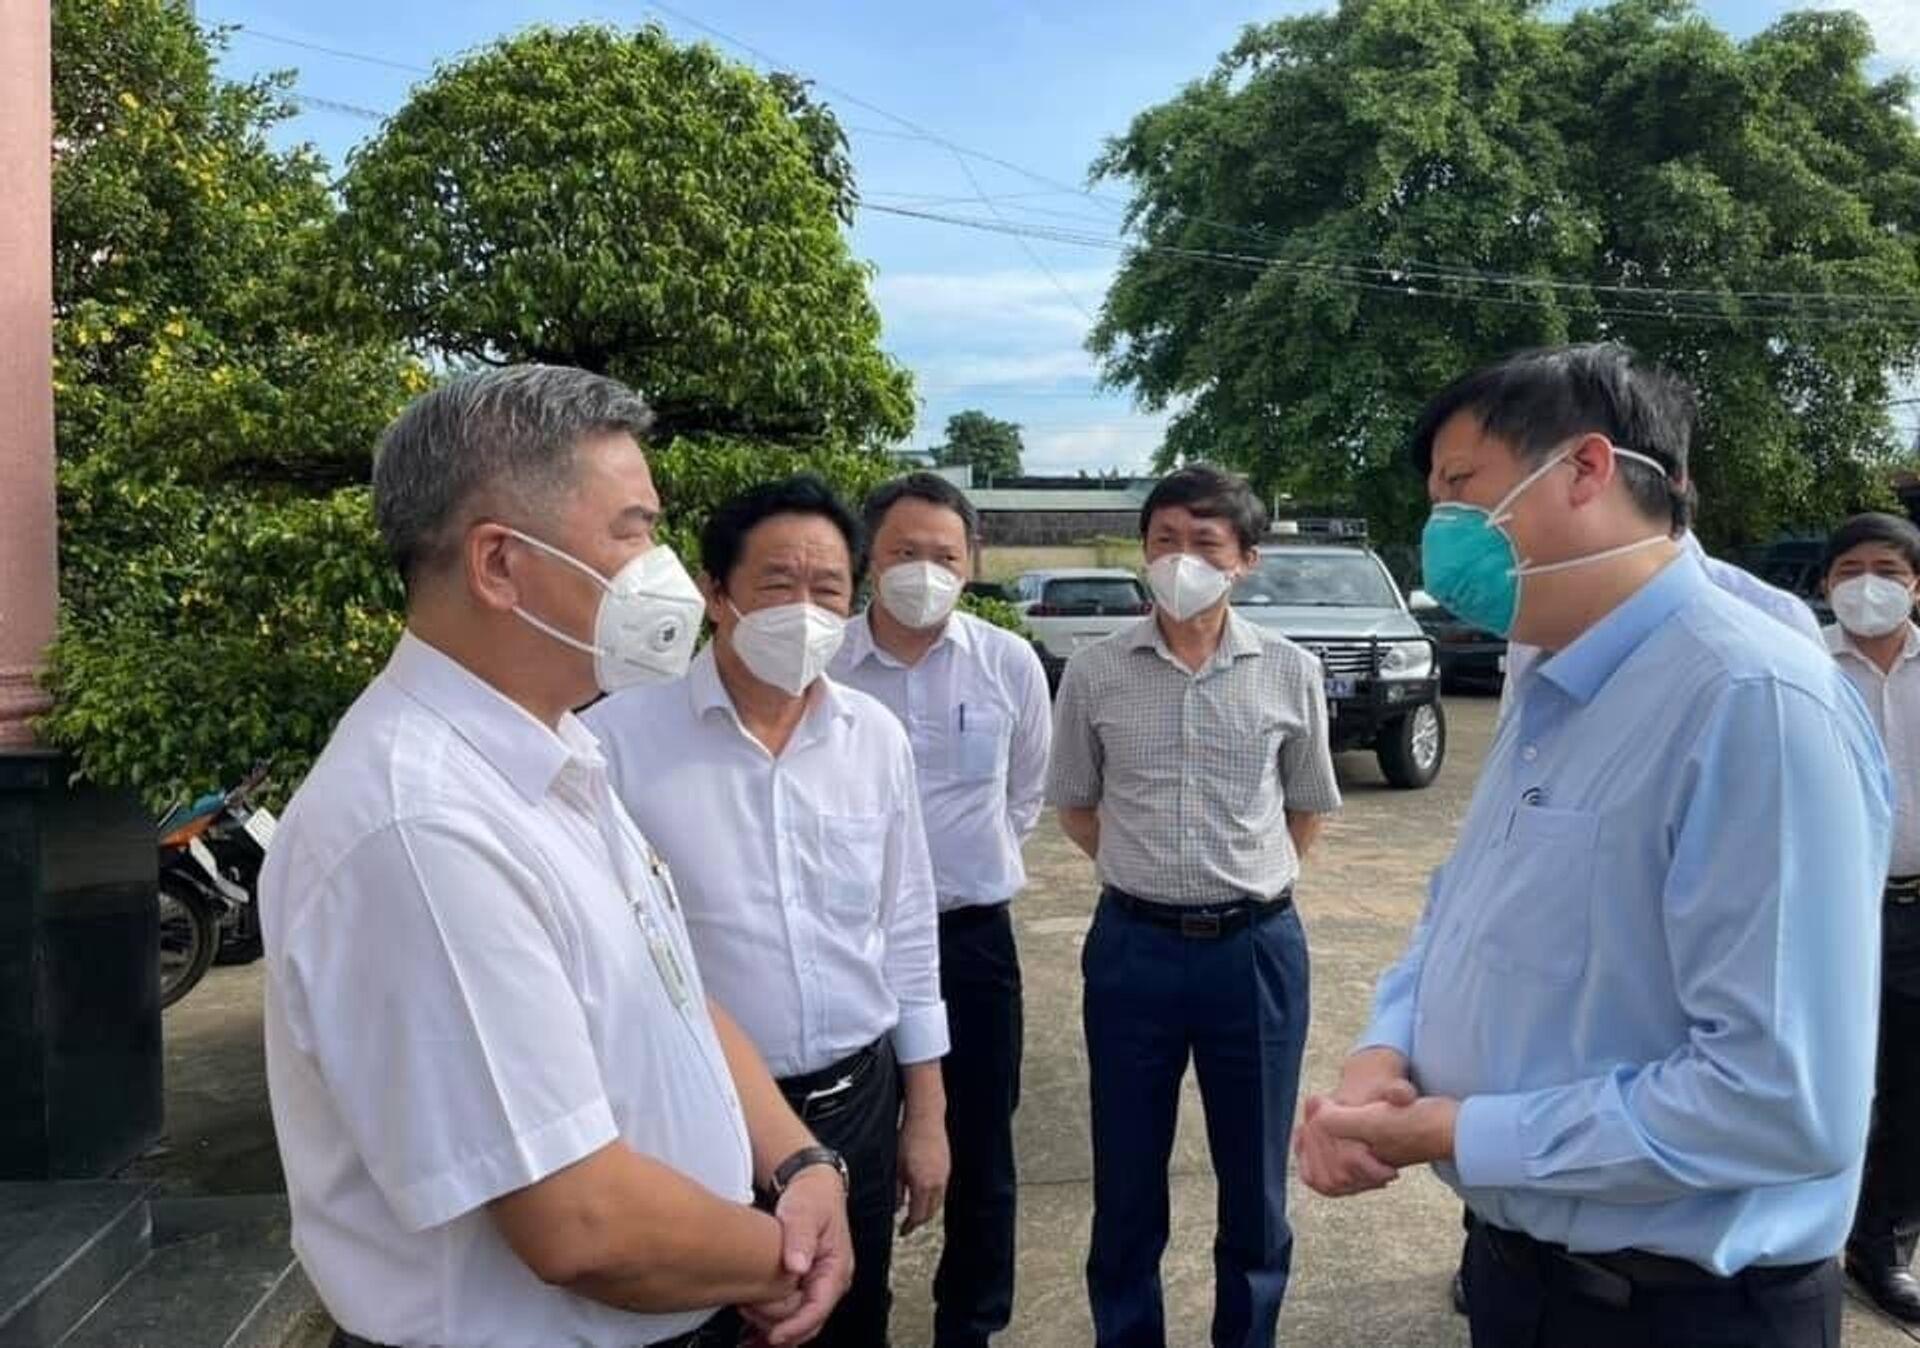 Bộ trưởng Bộ Y tế Nguyễn Thanh Long (phải) làm việc với lãnh đạo thị xã Tân Uyên, tỉnh Bình Dương - Sputnik Việt Nam, 1920, 05.10.2021